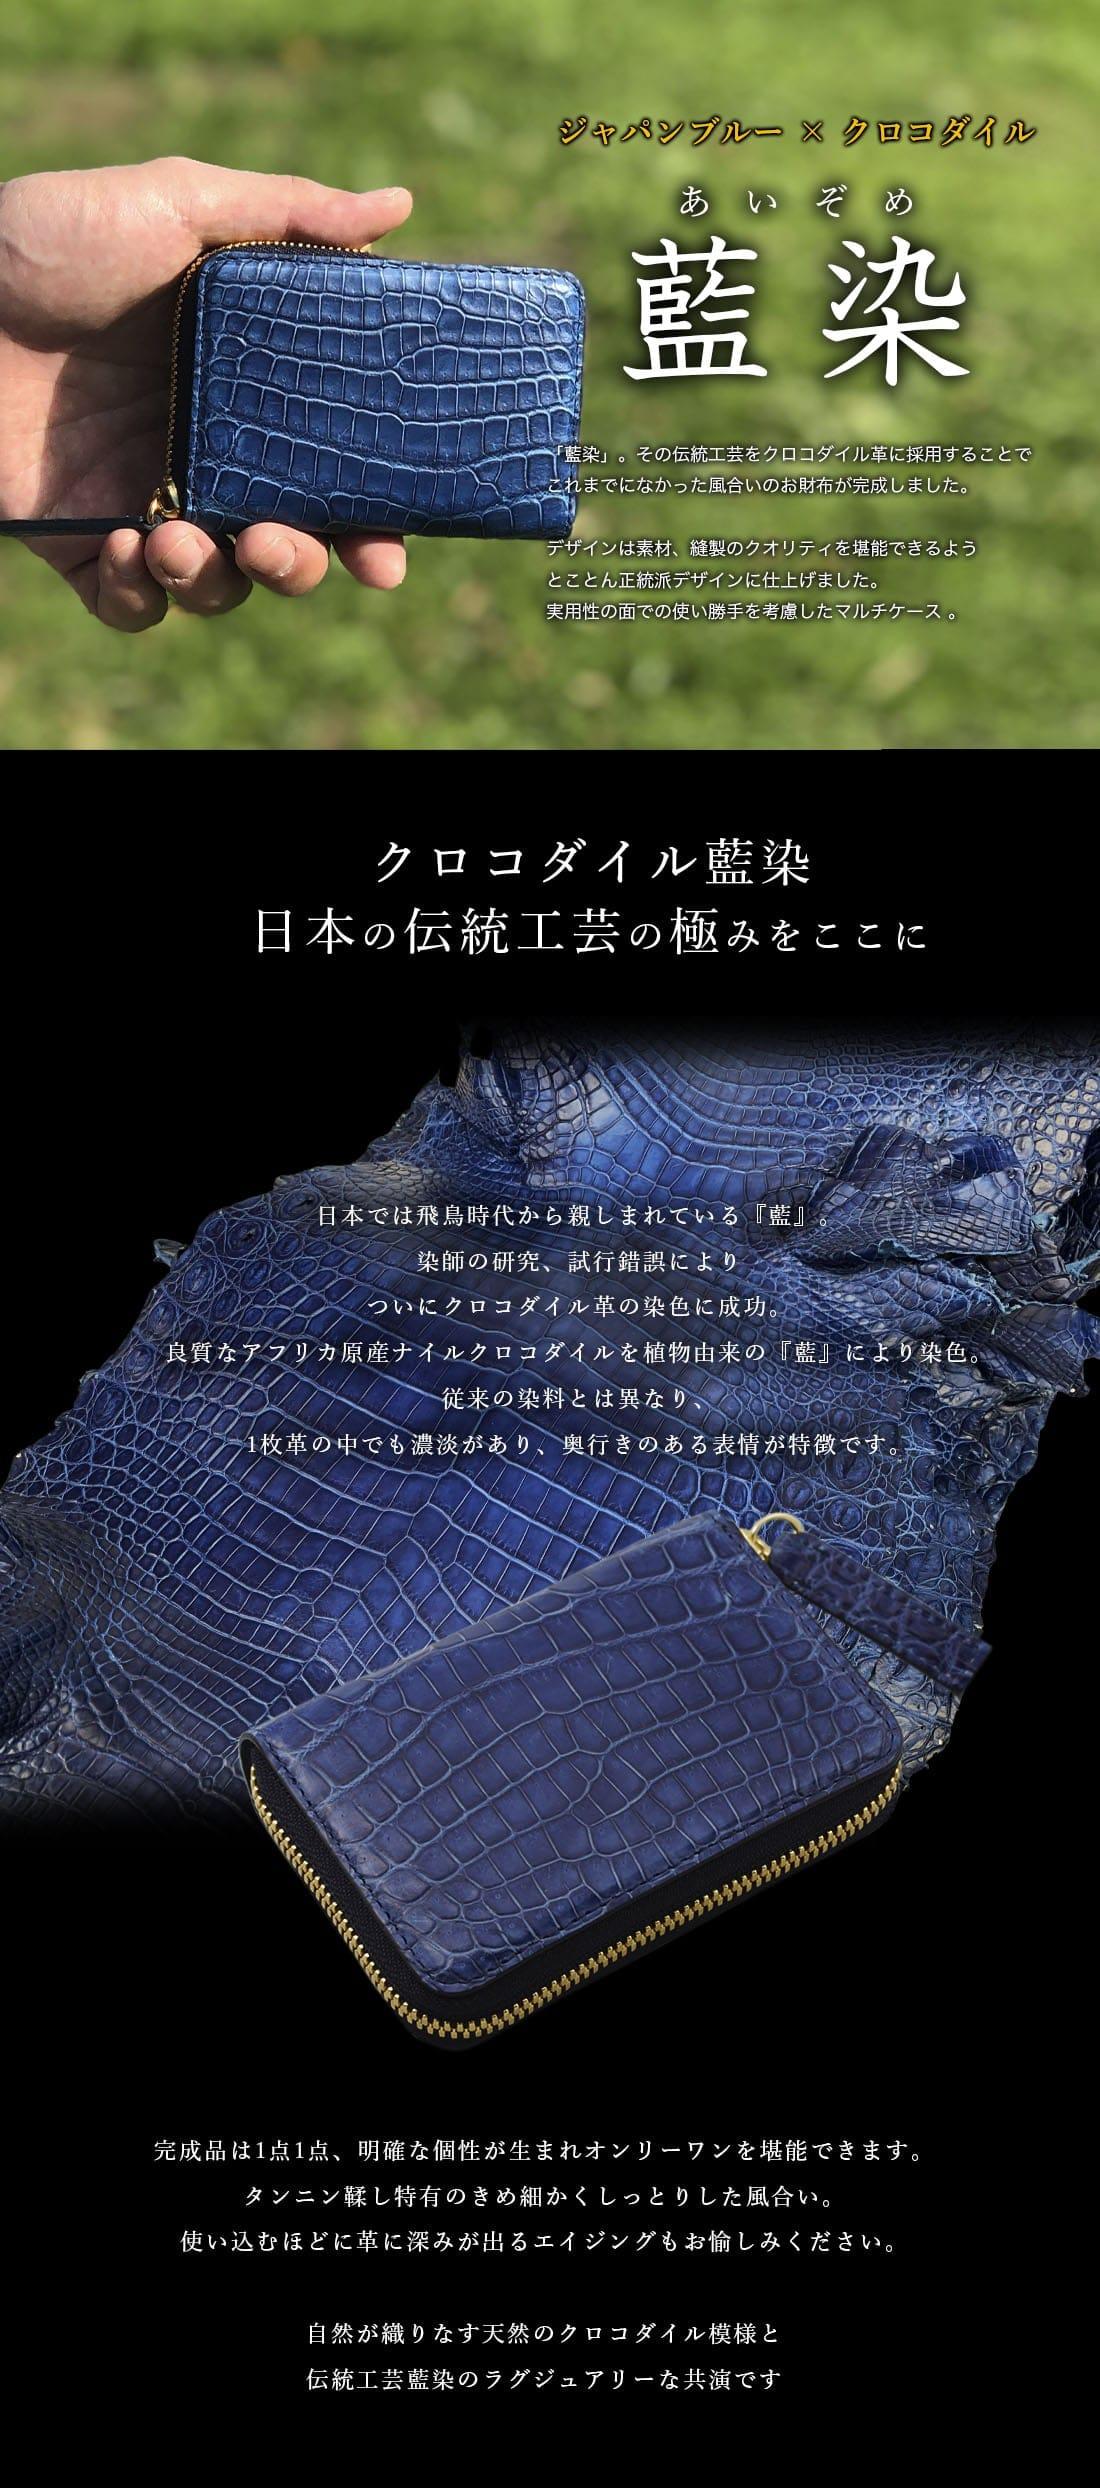 ナイルクロコダイルマルチケース藍染